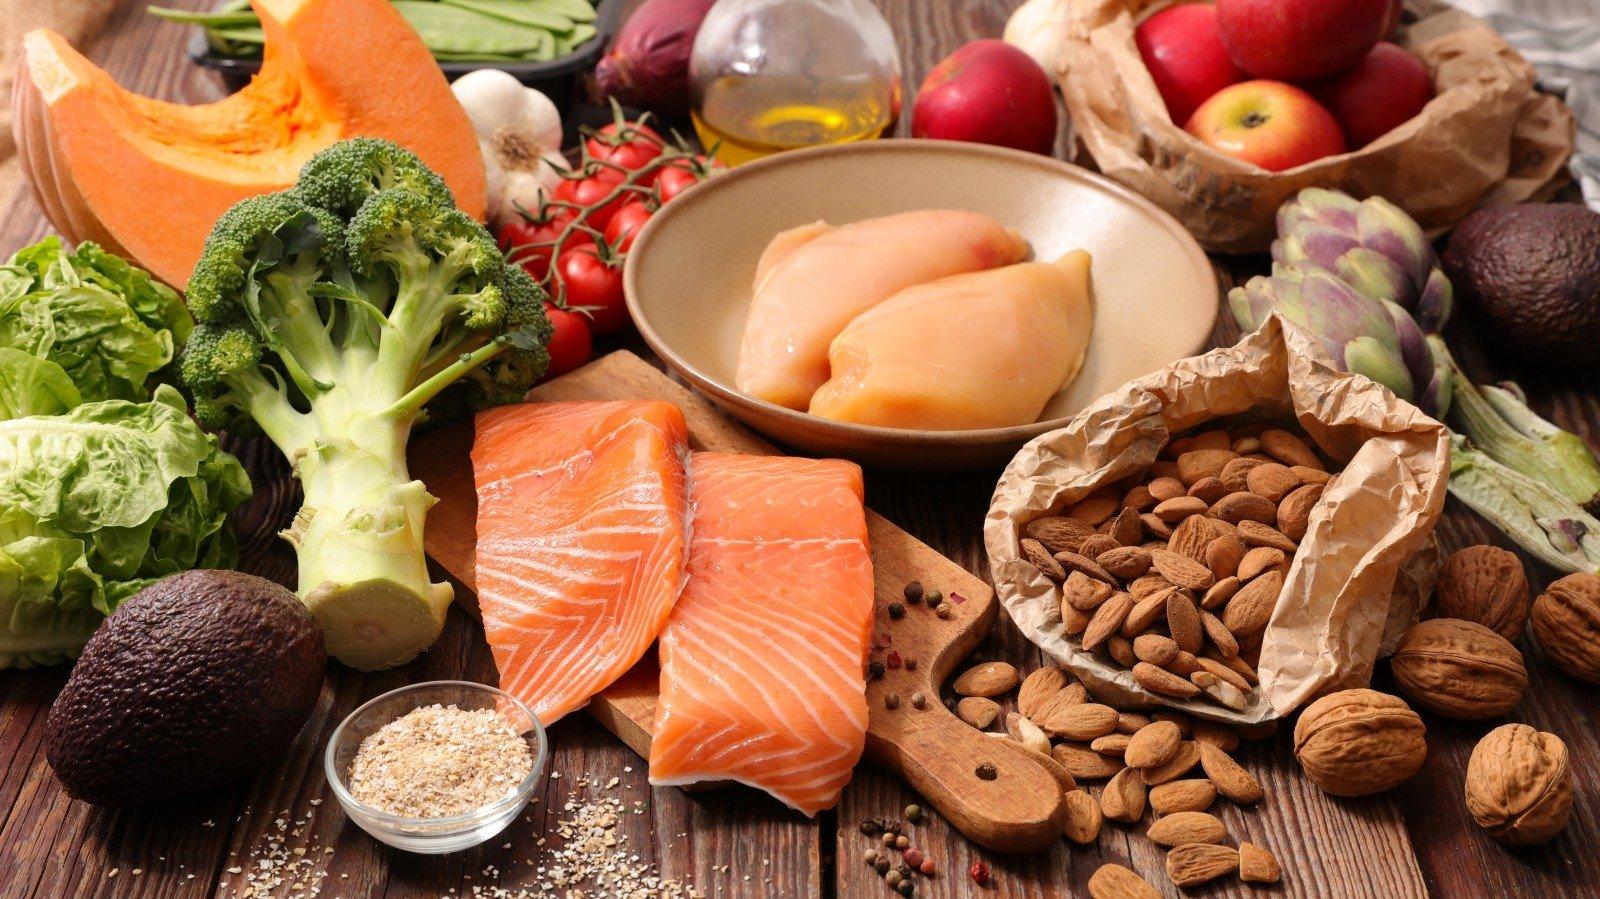 hipertenzija sergančių pacientų reabilitacija maisto papildai gydant hipertenziją